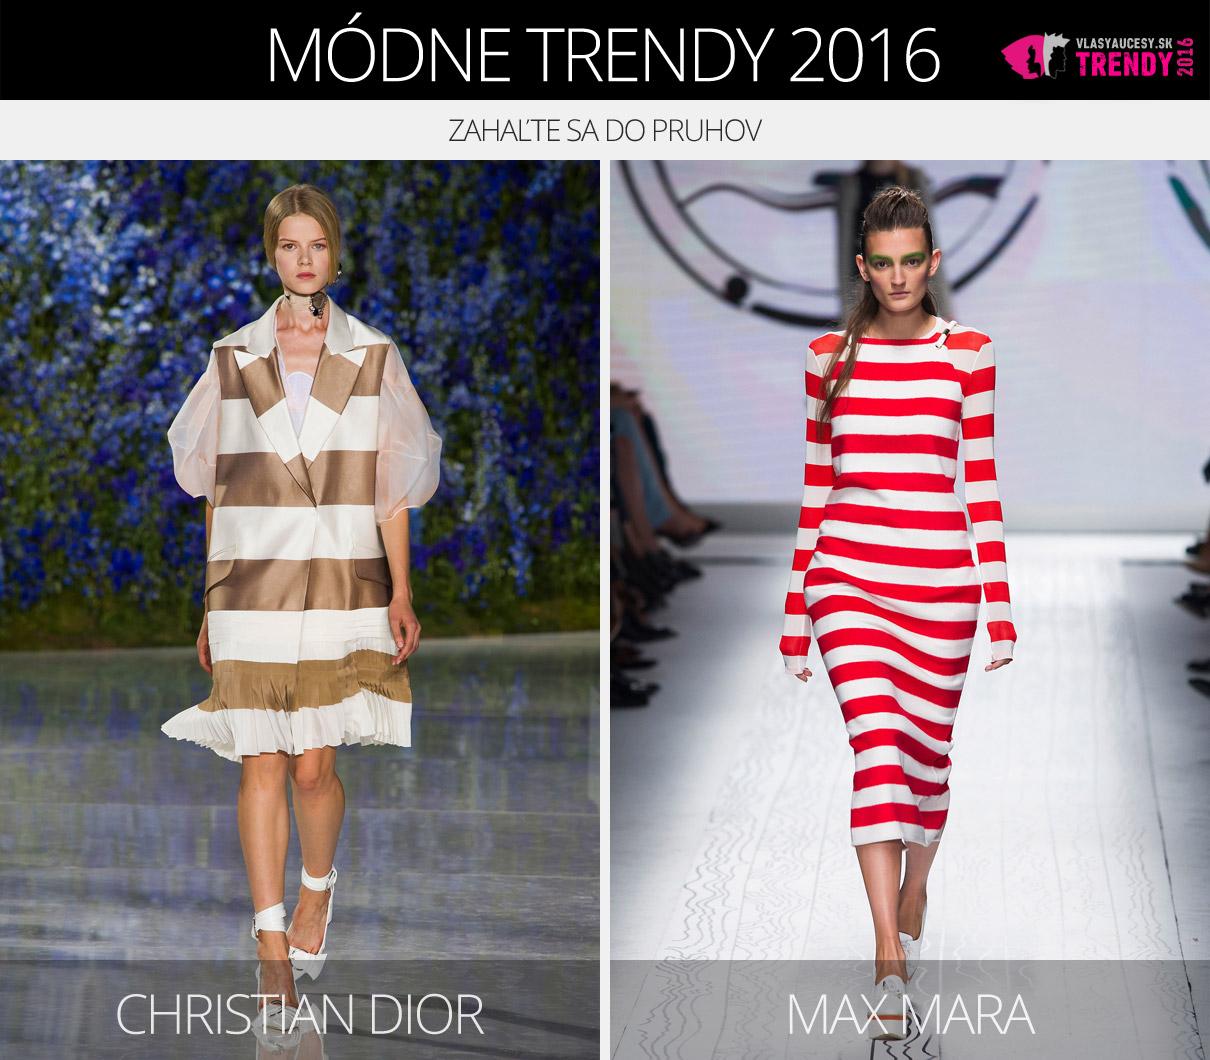 c60e2dd03 Módne trendy 2016 – zahaľte sa do pruhov. (Zľava: Christian Dior a Max